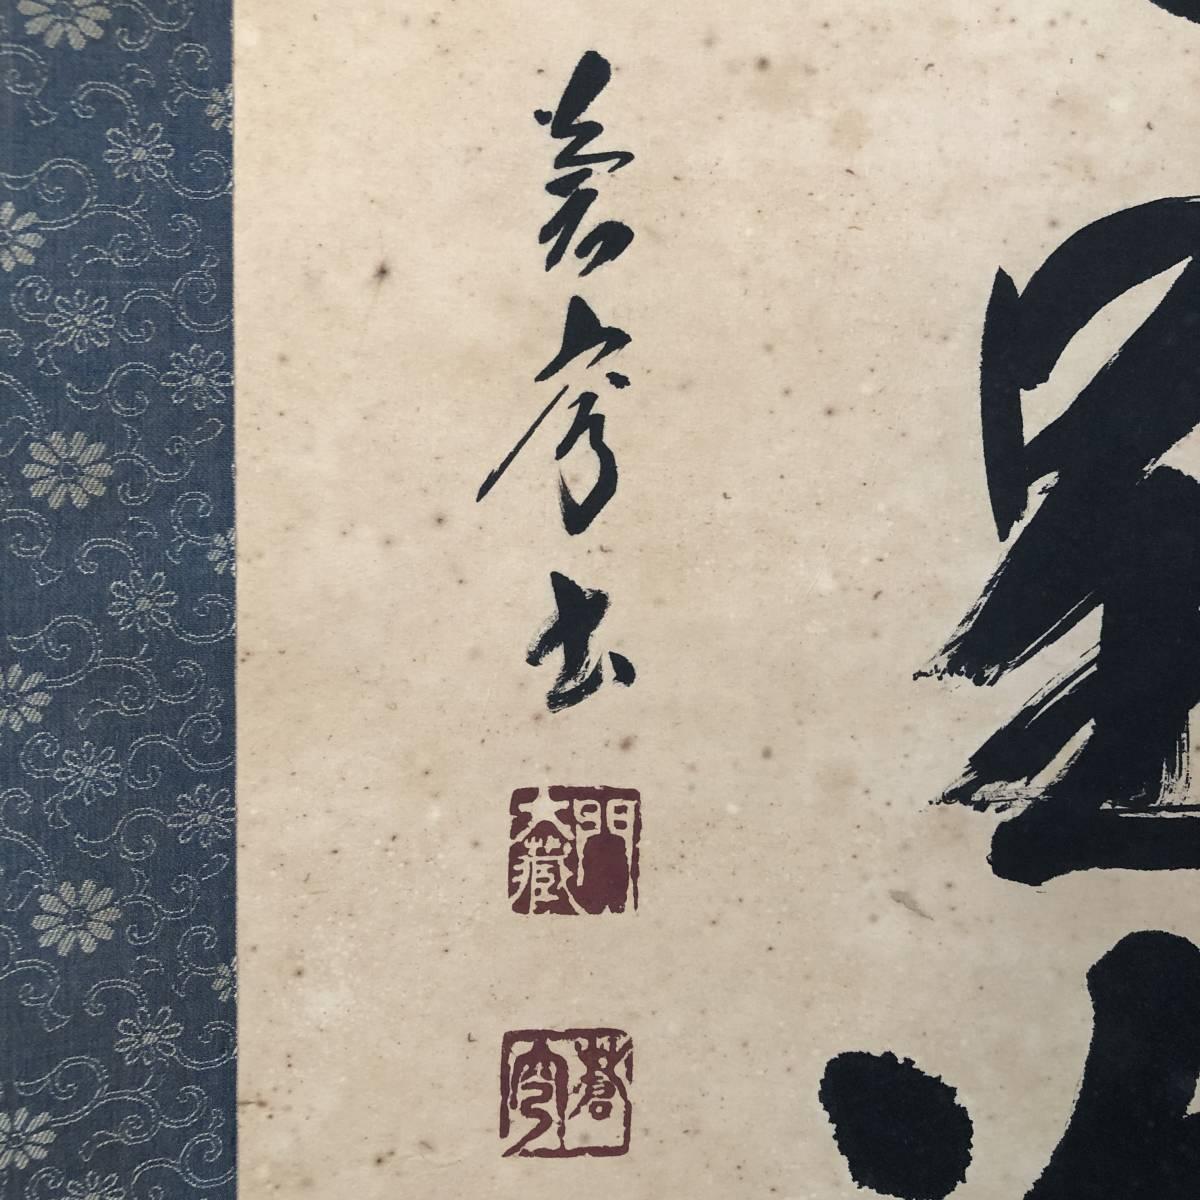 □掛け軸□ 模写 一行書 佐久間蒼穹 落款 在銘 茶道具 茶室 美術品 骨董 床の間 インテリア 縁起物 コレクション 古美術 書 書道_画像9